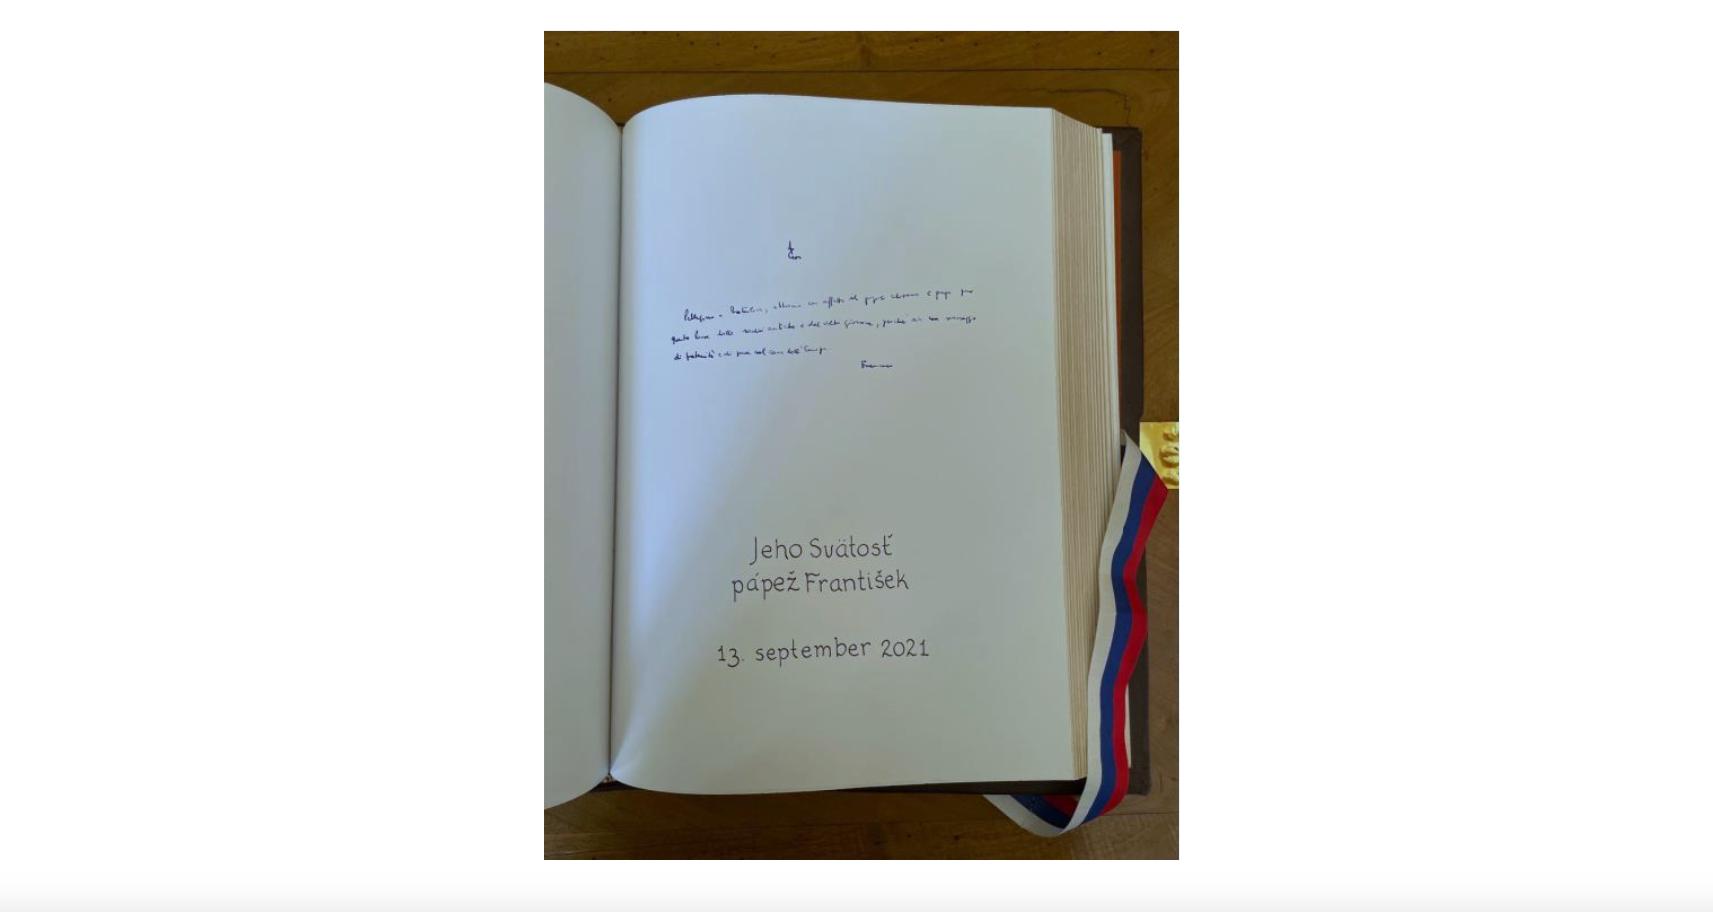 Message autographe, Livre d'or du palais présidentiel (Bratislava, Slovaquie) © capture Zenit / Vatican Media